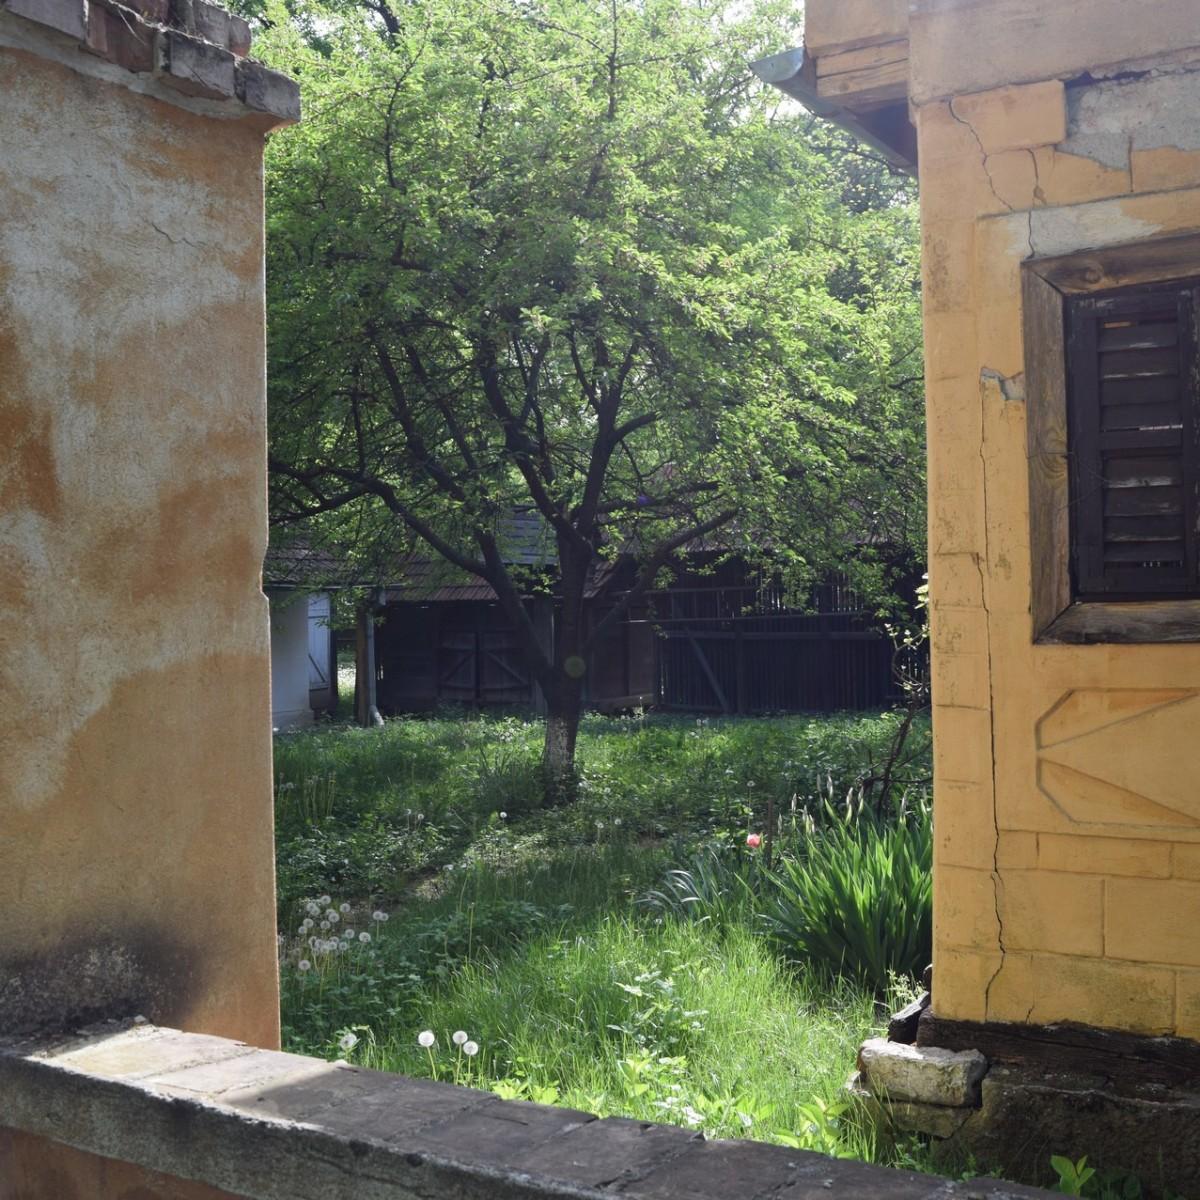 Le jardin cache d'une maison de la region du Banat